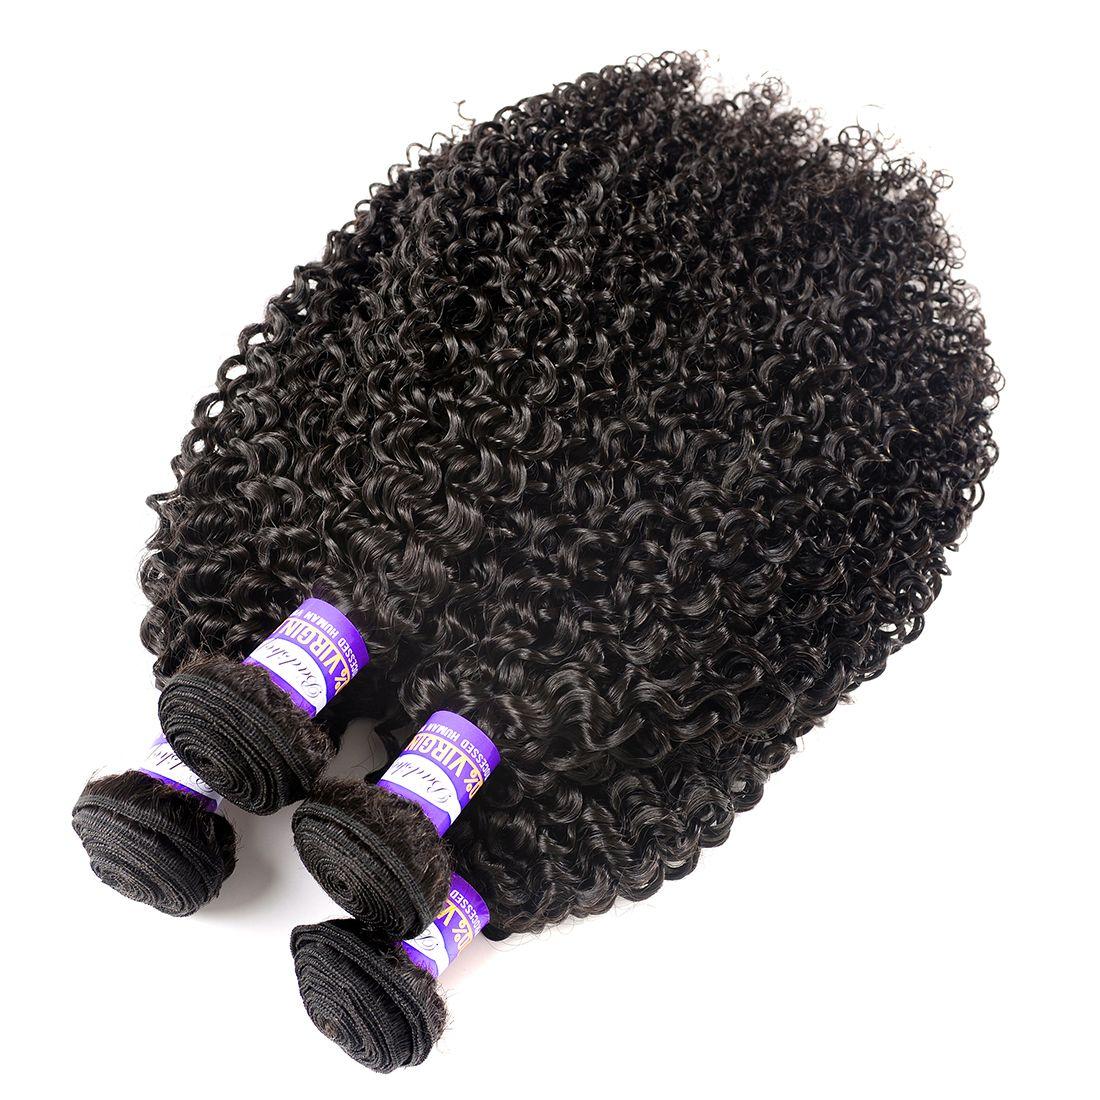 Peruanisches kinkiges lockiges jungfräuliches Haar Afro kinky lockig 3 4 Bündel peruanisches Reines Haar 10A Unverarbeitete menschliche Haare webt natürliche Farbe 10-28